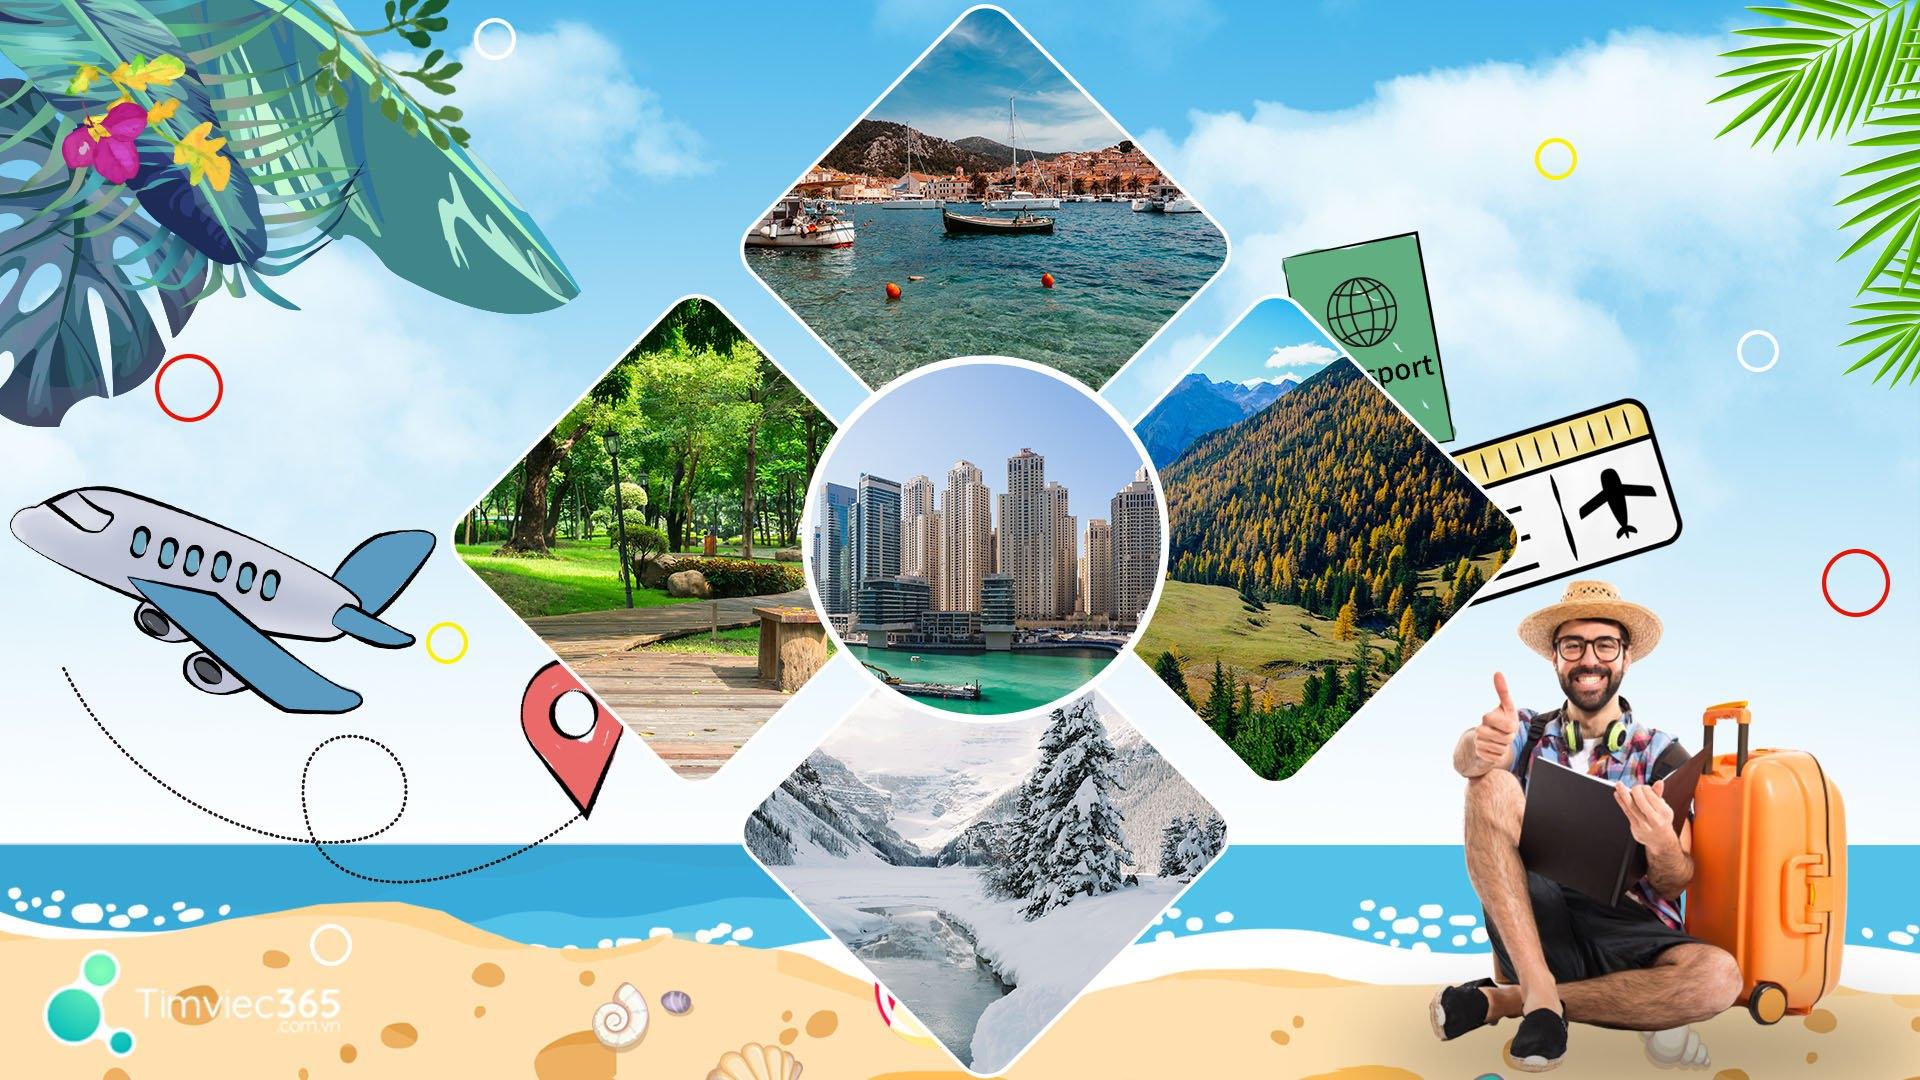 Du lịch -lữ hành khám phá mọi địa danh